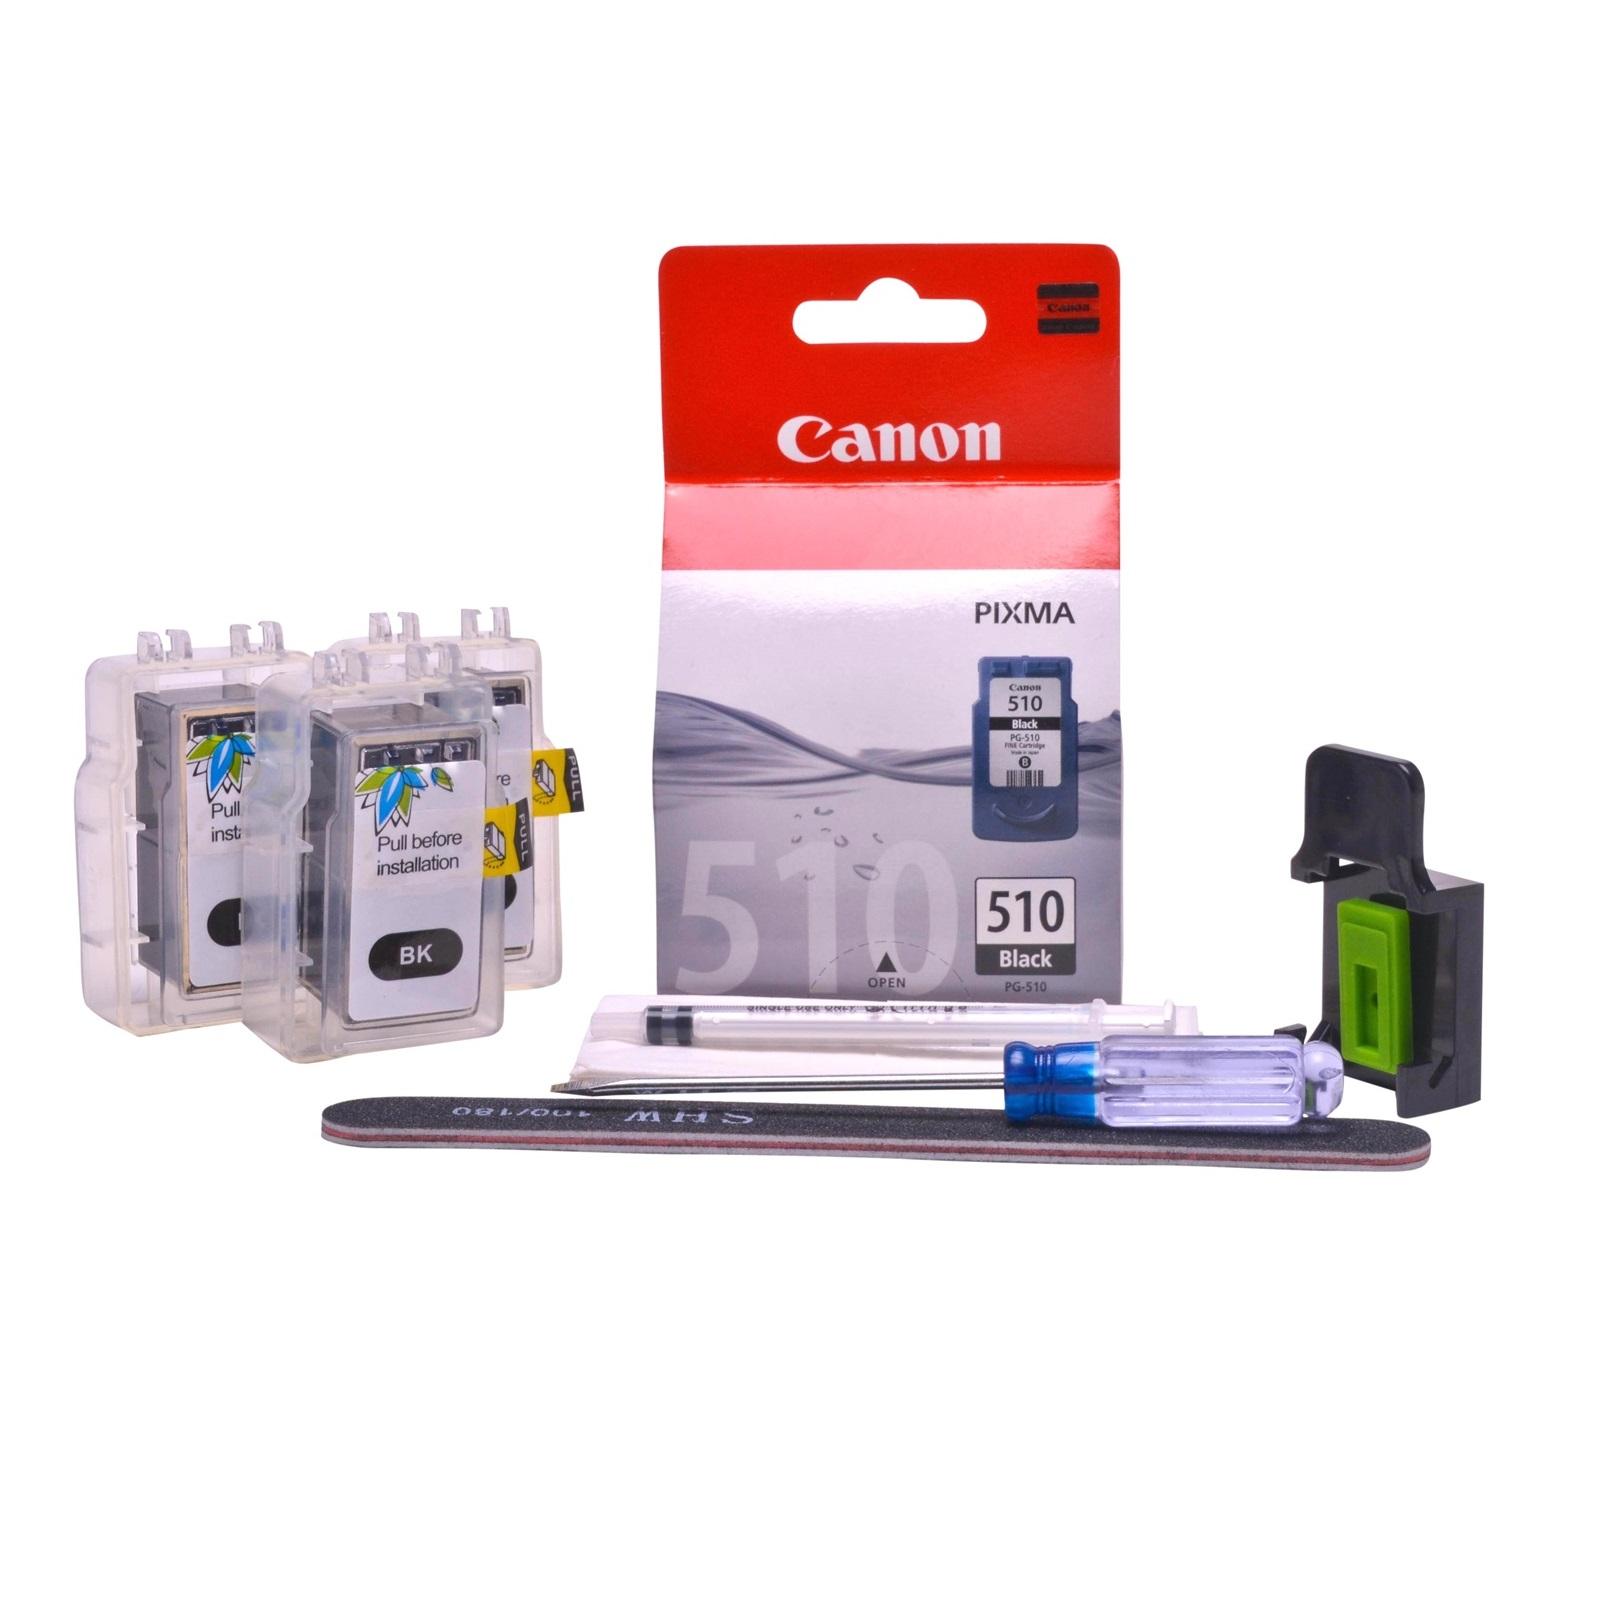 Refillable pigment Cheap printer cartridges for Canon Pixma MX320 PG-510 PG-512 Pigment Black